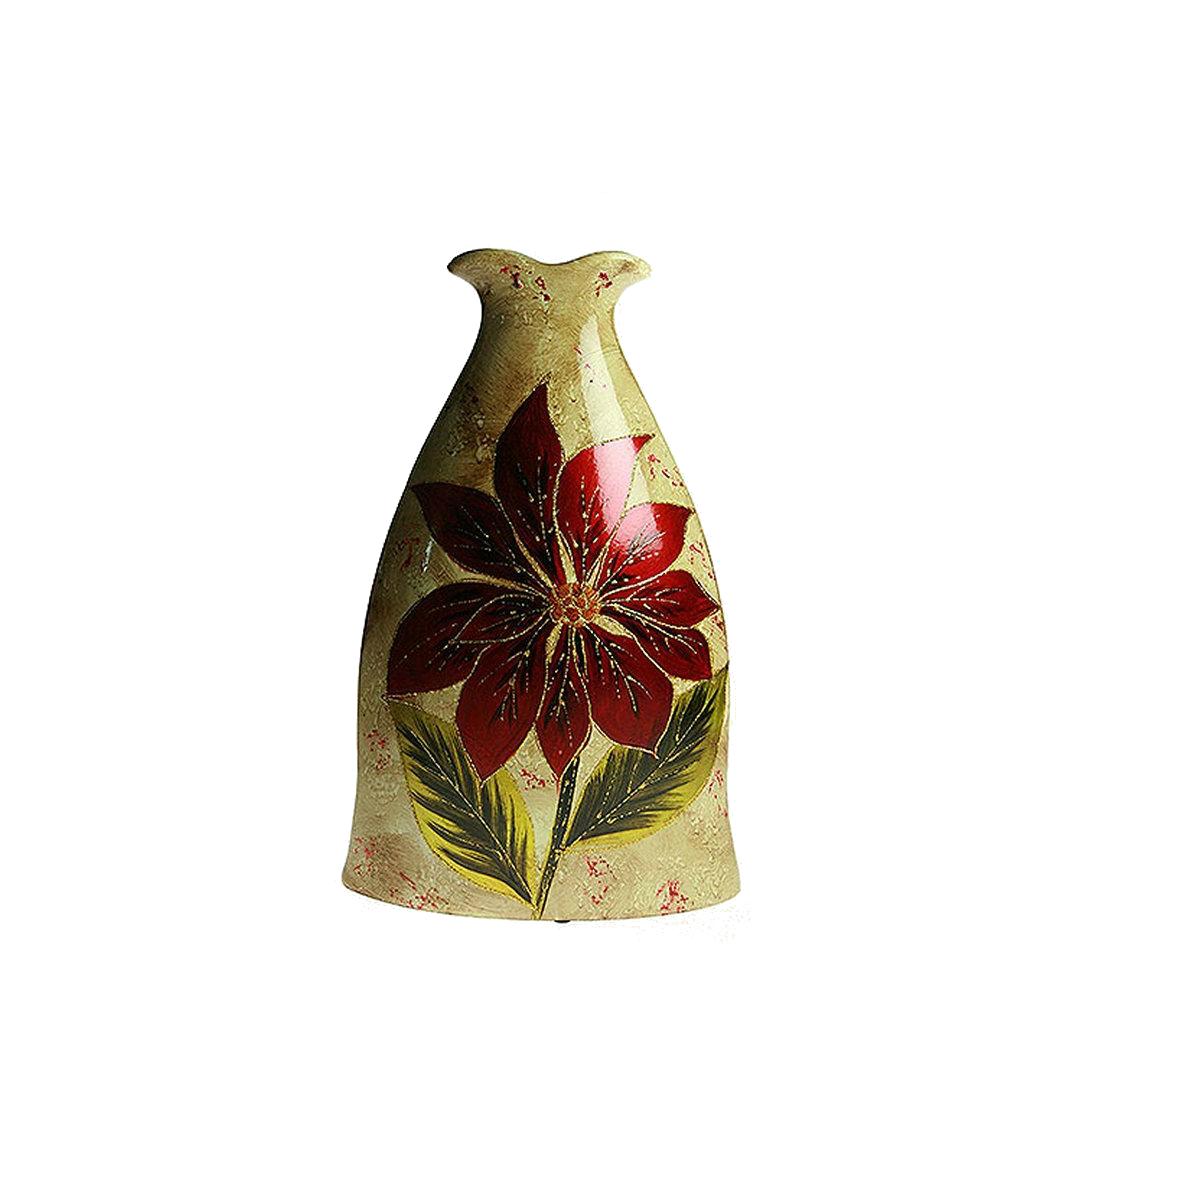 Ваза Русские Подарки Огненный цветок, высота 38 см. 214514 ваза русские подарки винтаж высота 31 см 123710